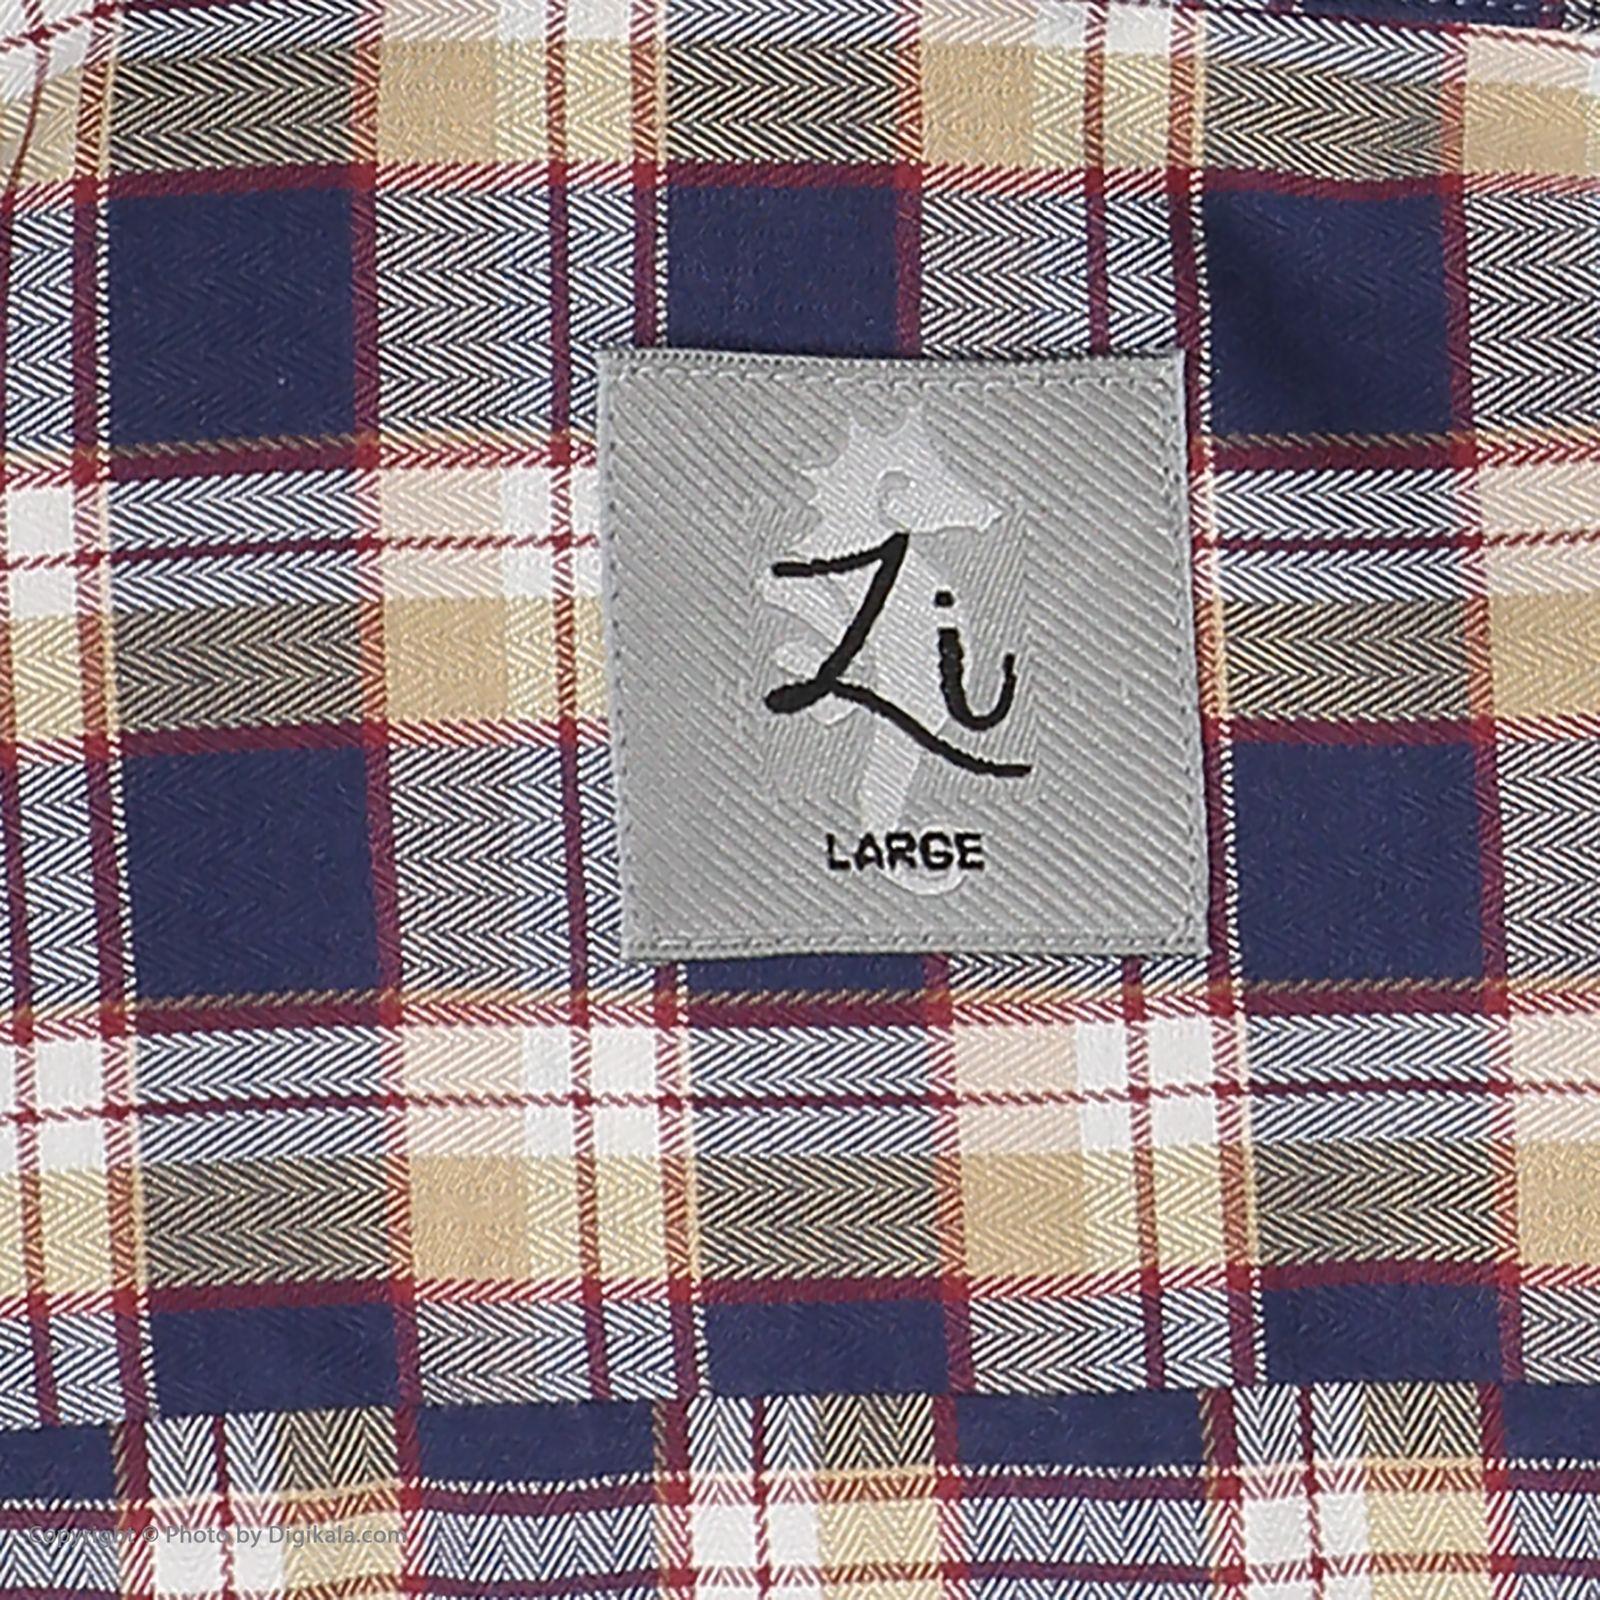 پیراهن مردانه زی مدل 1531227MC -  - 6